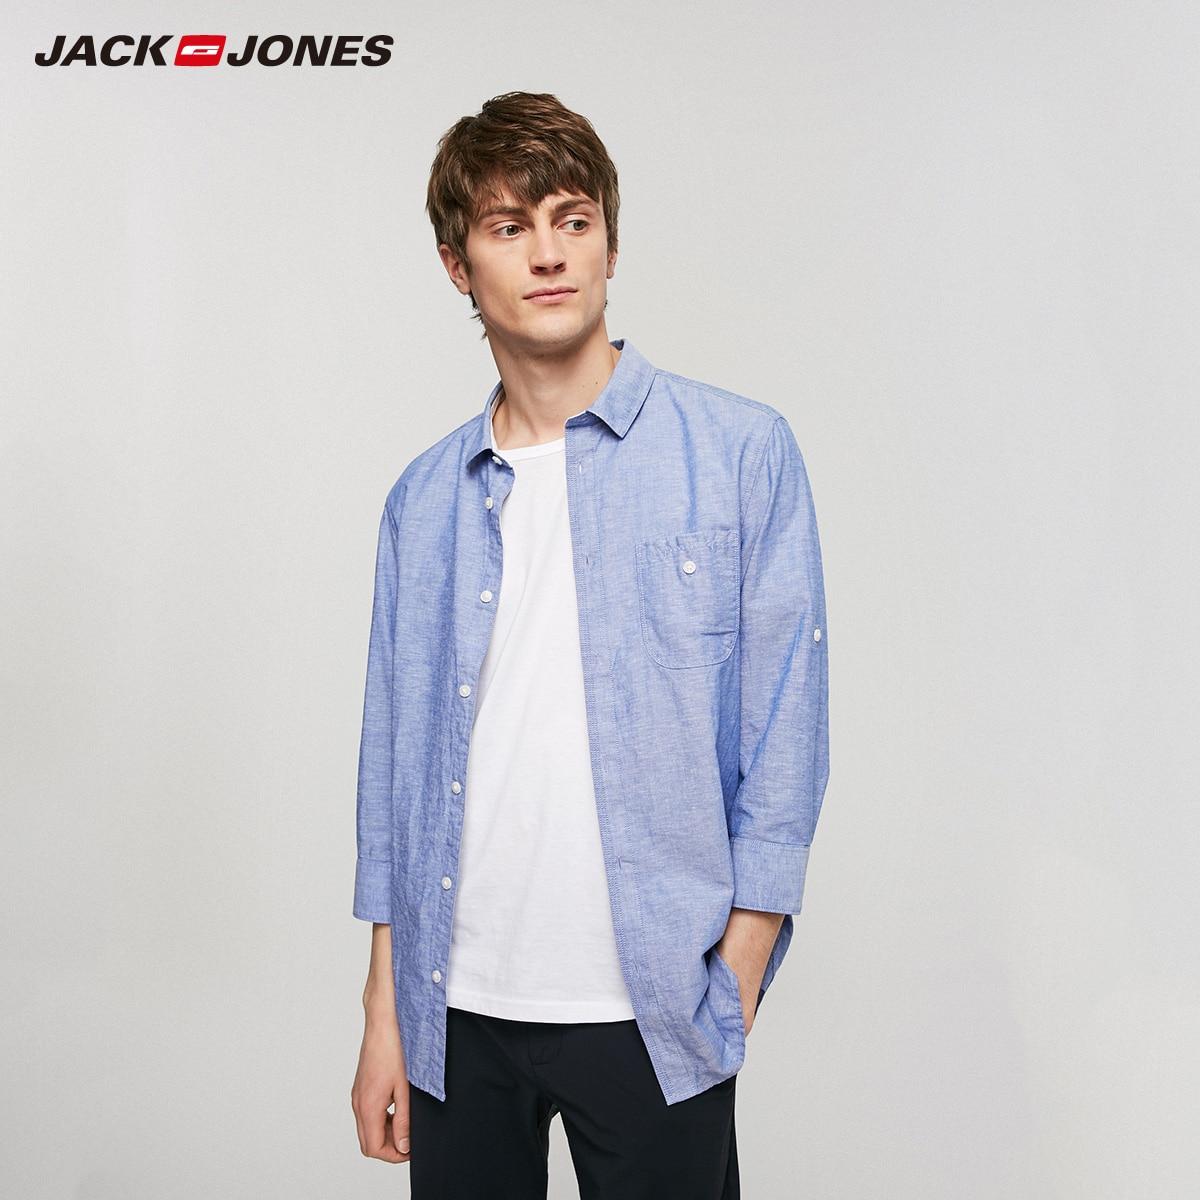 JackJones Men's Cotton Linen Rolled-up 3/4 Sleeves Style Shirt| 219231503